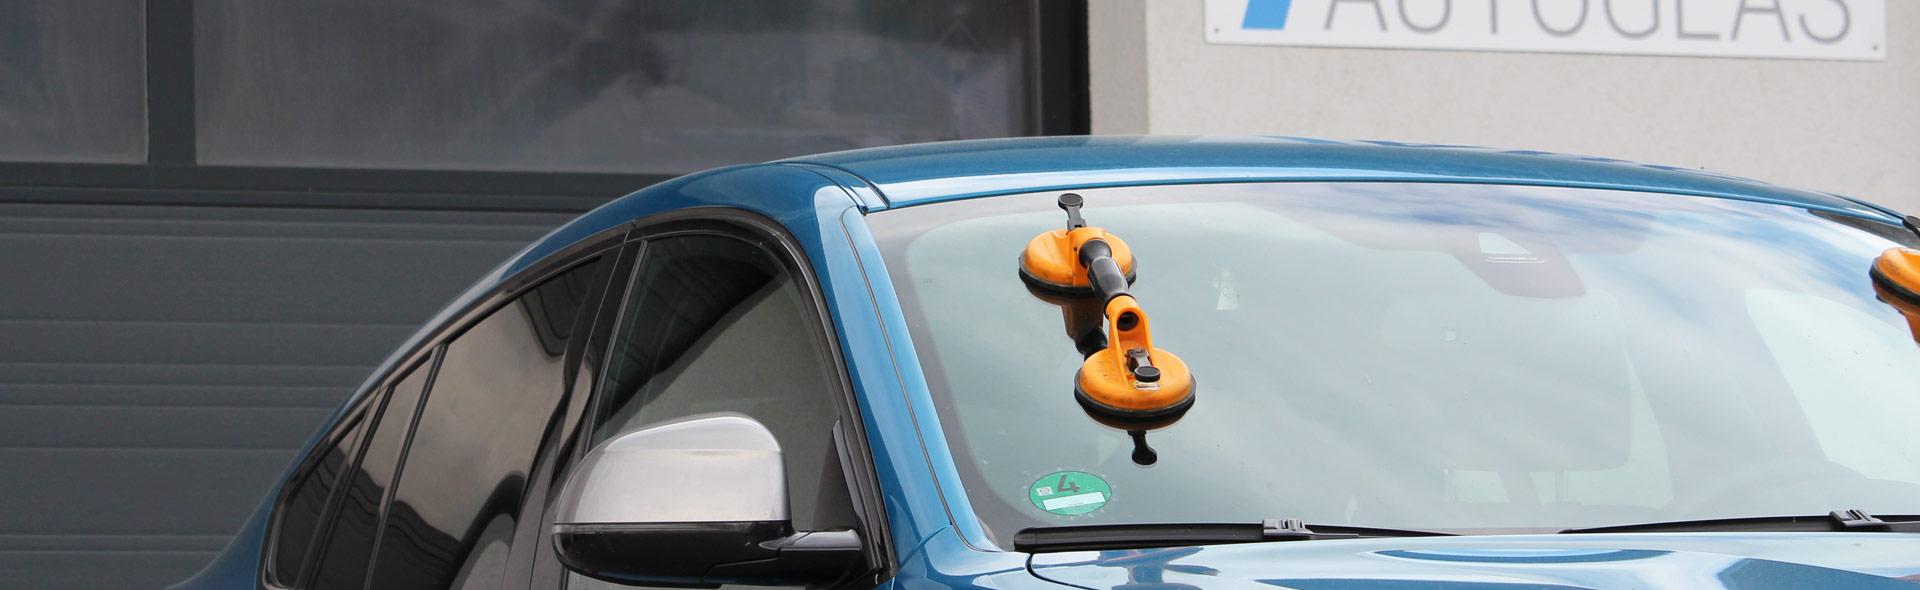 Windschutzscheibe wechseln bei abc Autoglas in Straubing